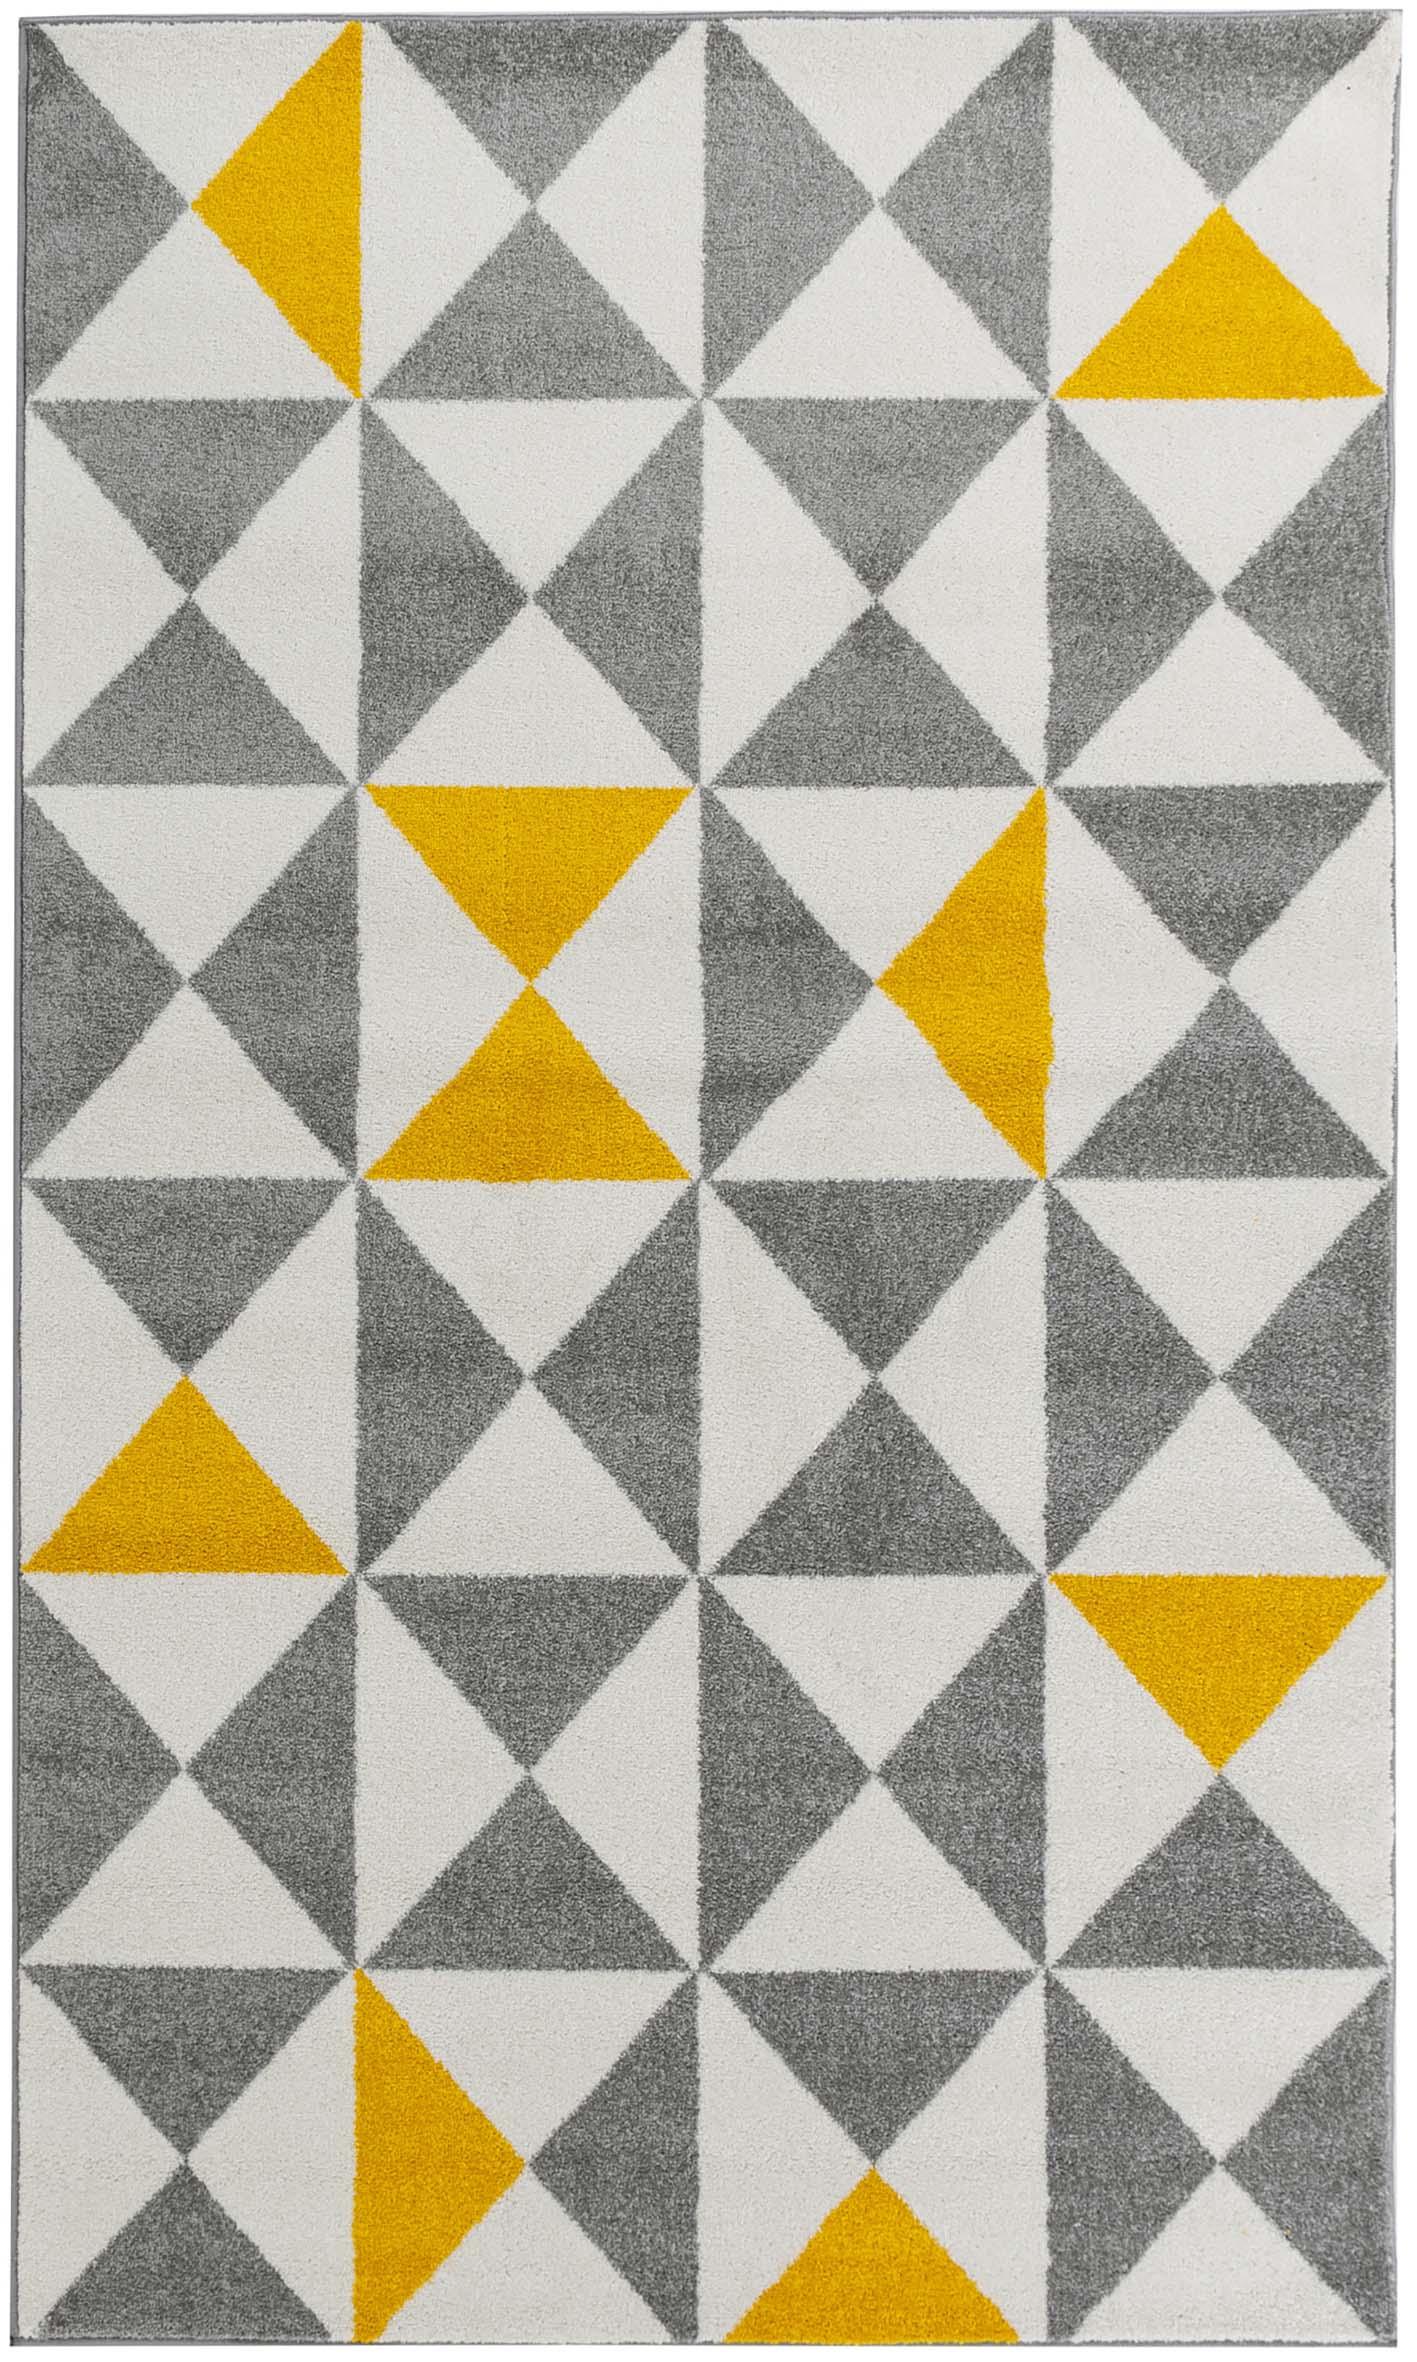 FORSA - Tapis géométrique jaune 80x150cm